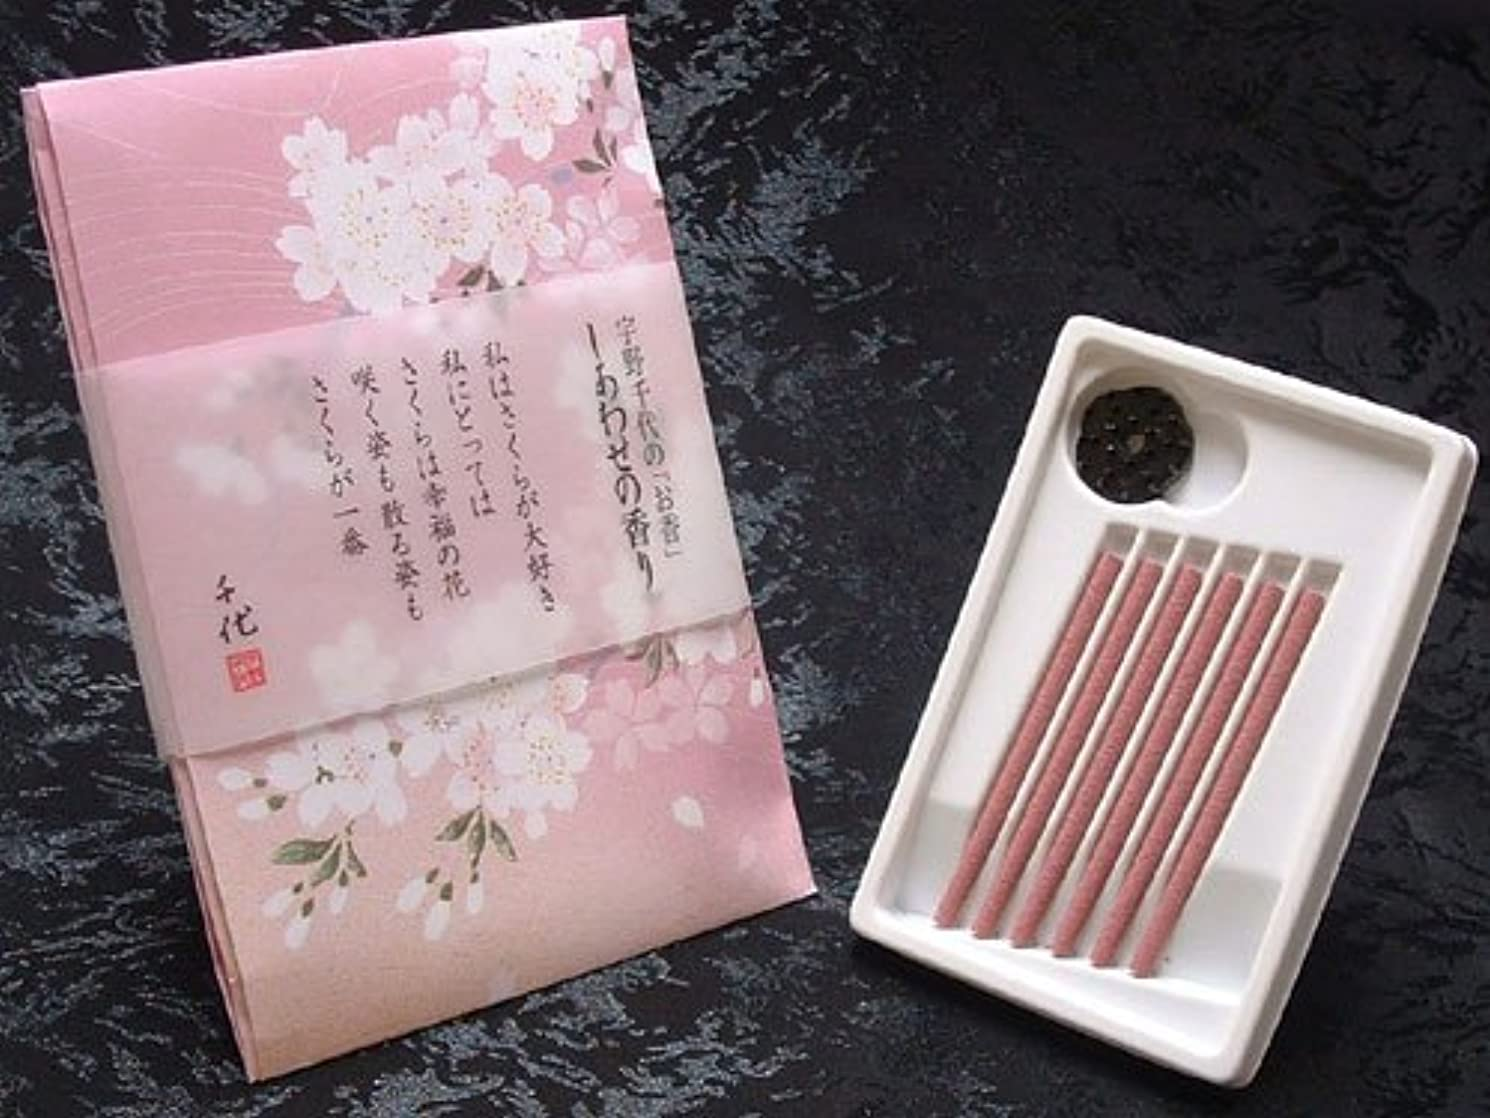 コンピューターハイブリッド季節日本香堂のお香 宇野千代 しあわせの香り スティック6本入り たとう紙